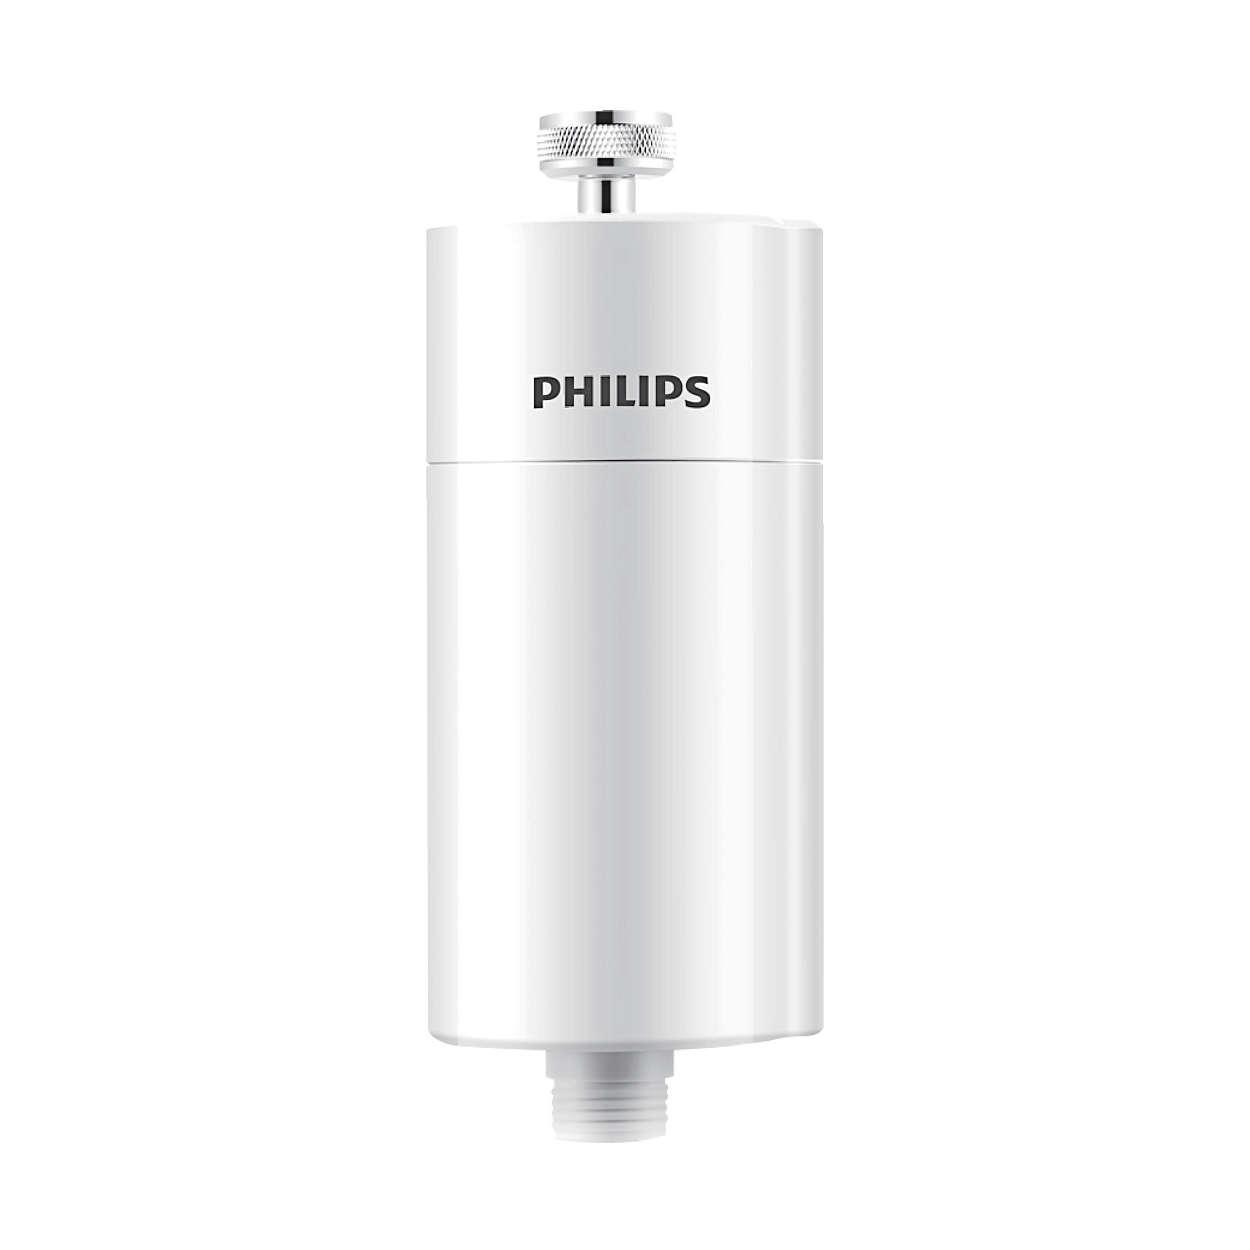 Sauberes Wasser für eine erfrischende Dusche